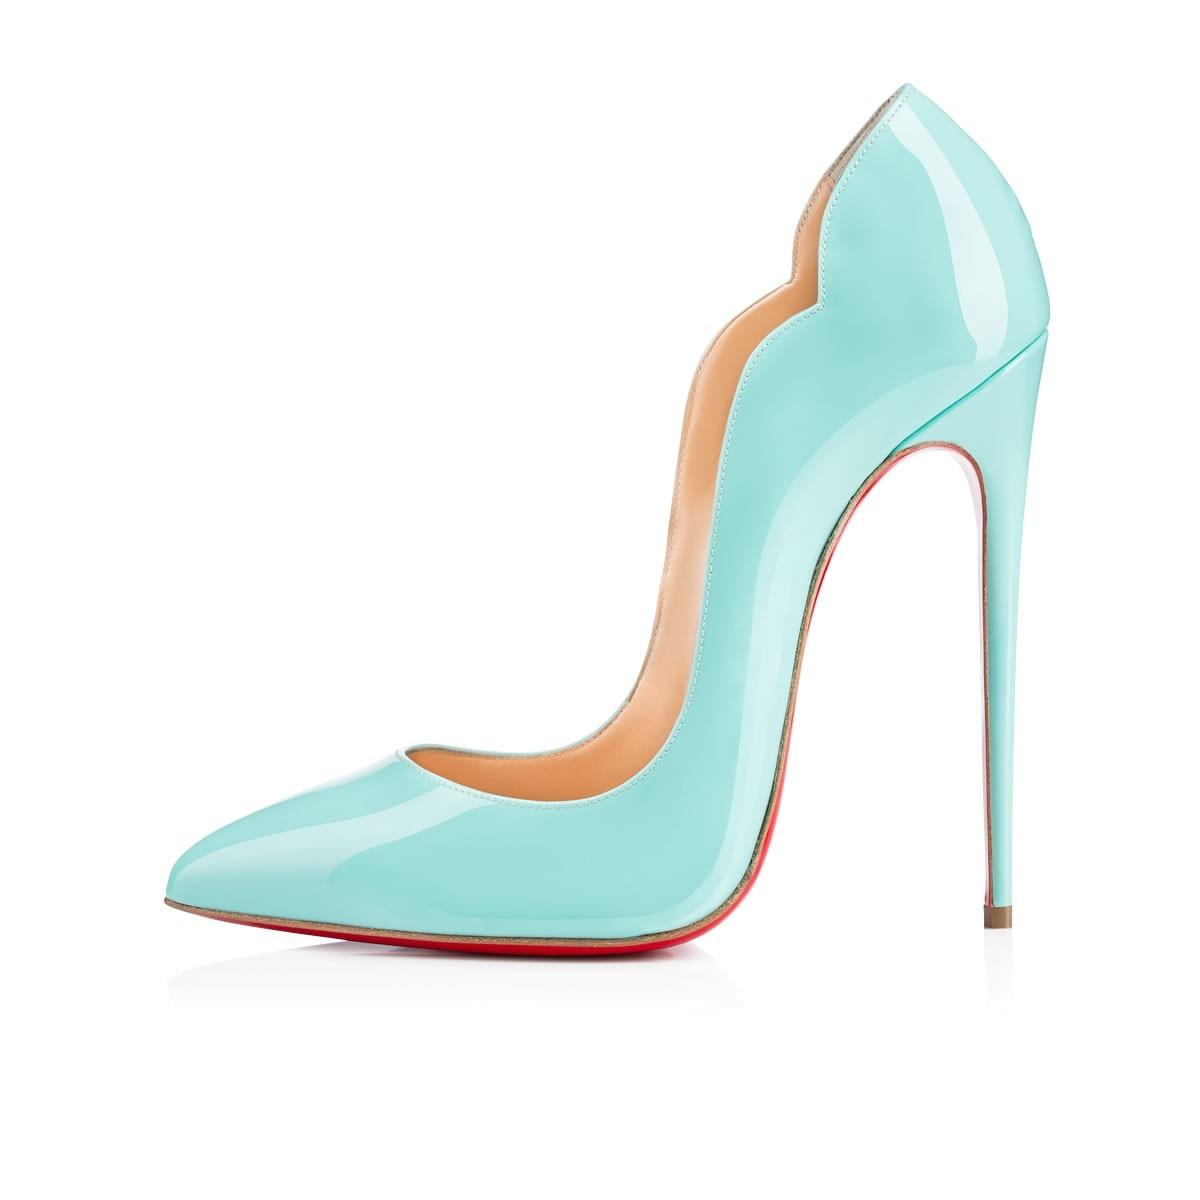 Clear Wave Pattern Luxury Pumps Sexy Platform Women High Heels 8 10 12cm Ladies Red Bottom Wedding M